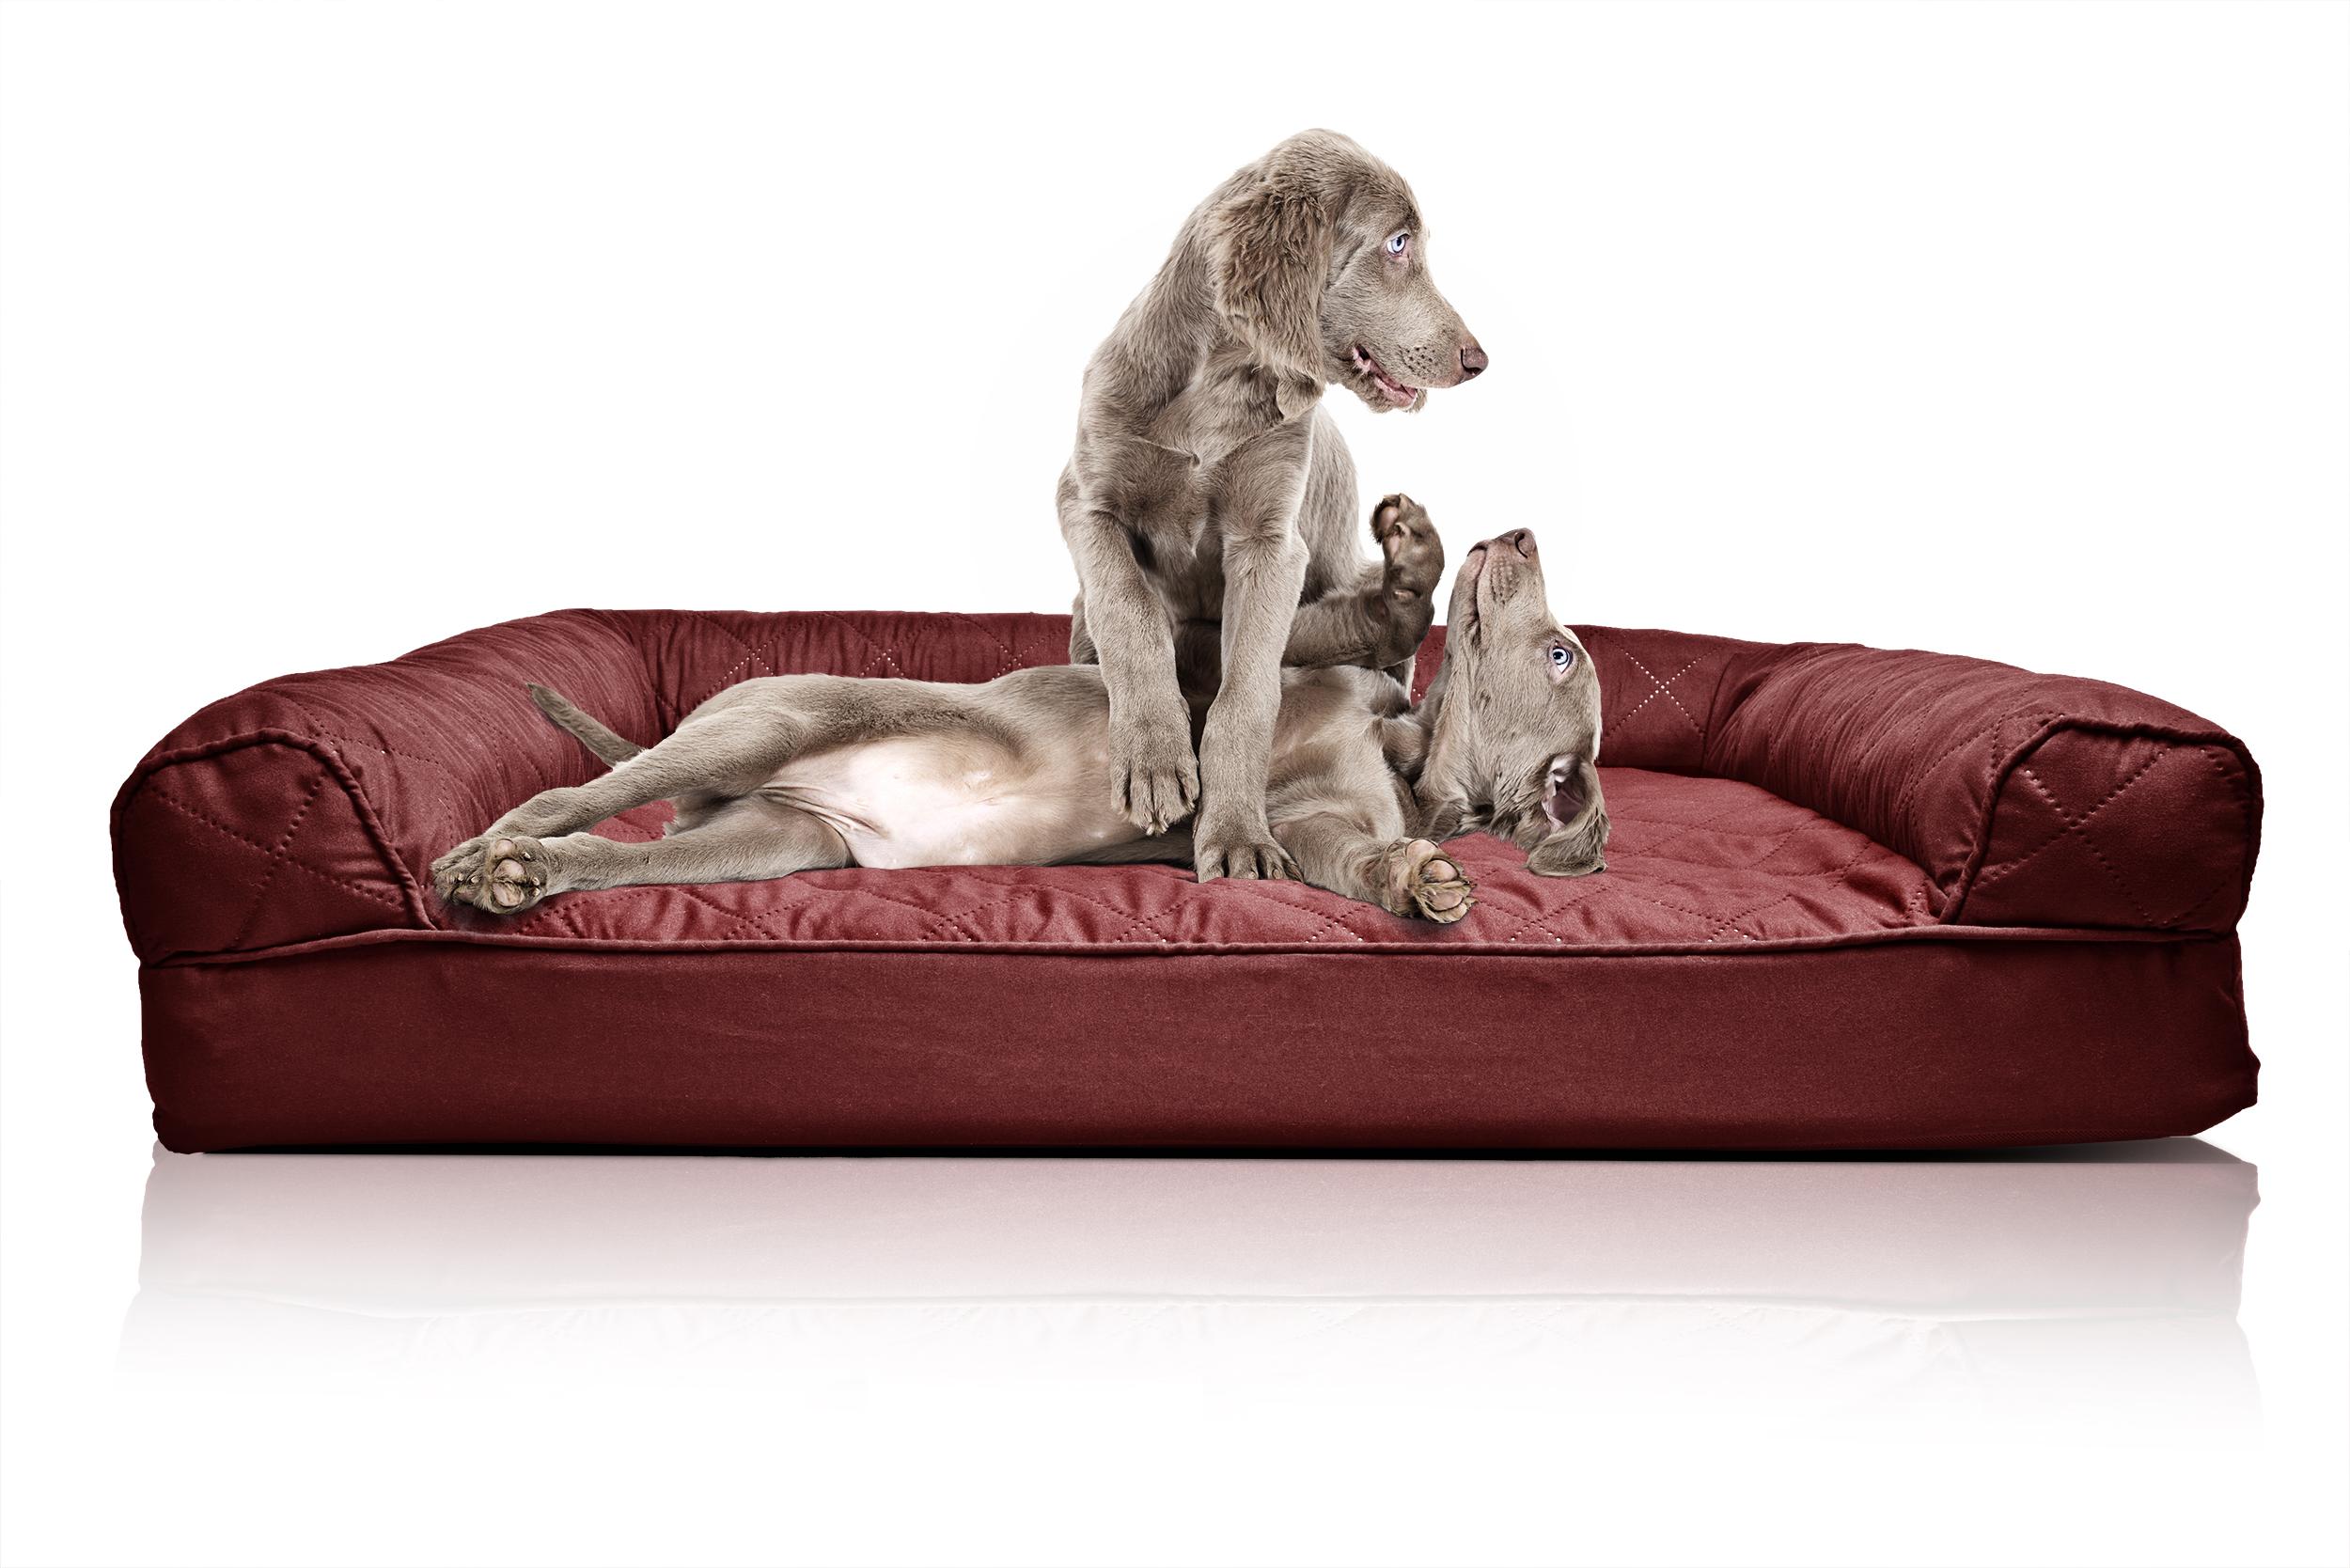 furhaven quilted orthopedic sofa dog bed pet bed ebay. Black Bedroom Furniture Sets. Home Design Ideas